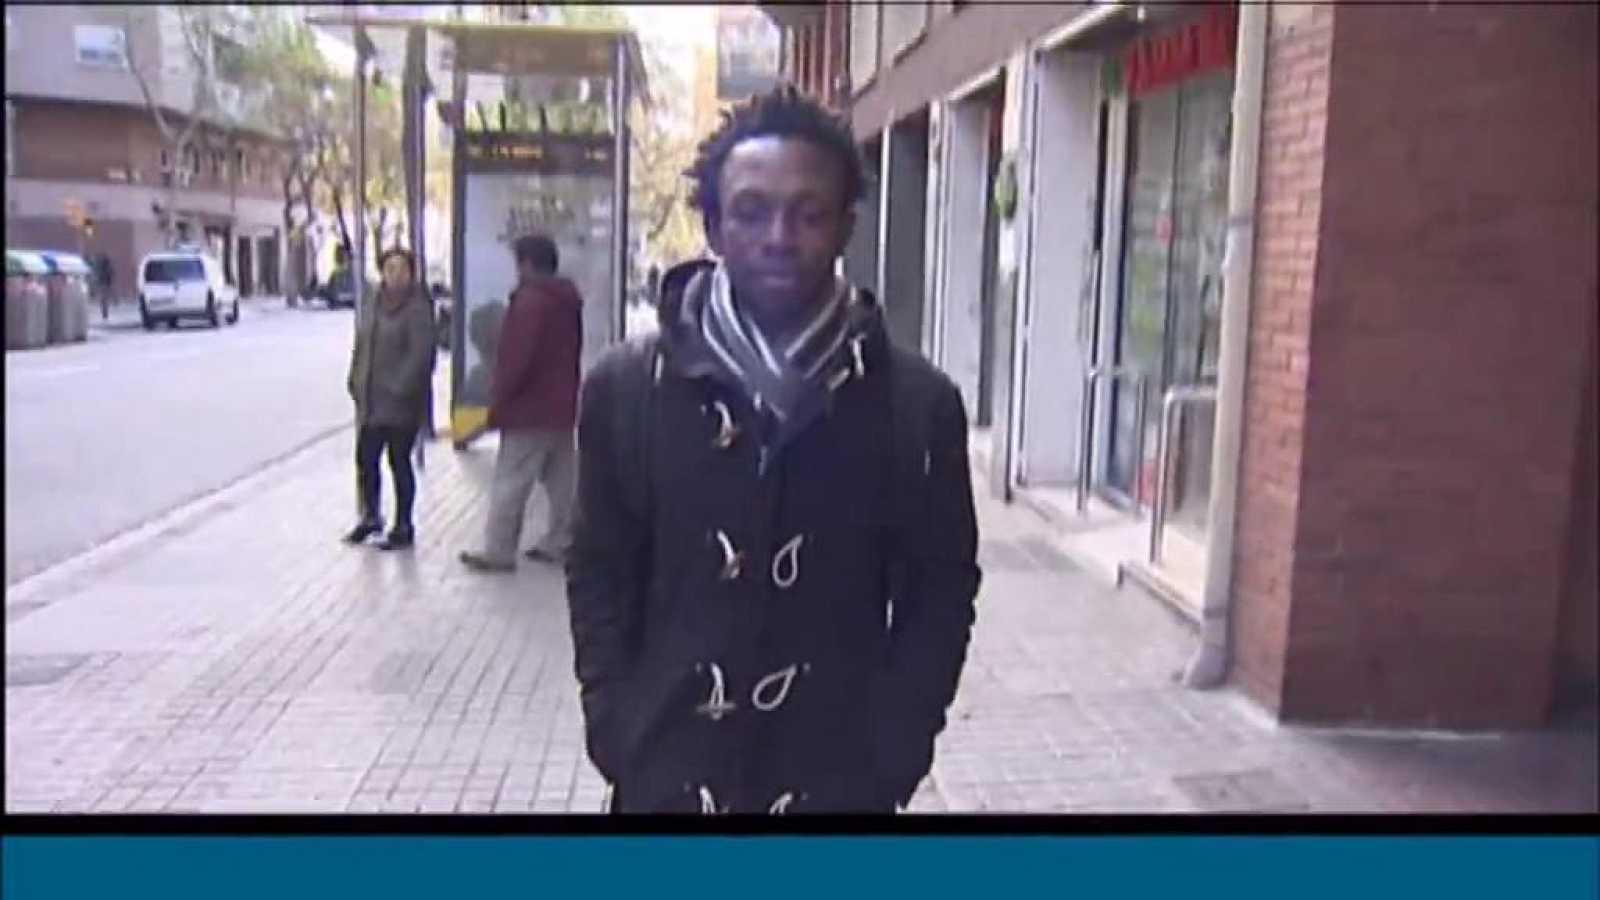 Avanç de 'Noms Propis' amb l'entrevista de l'Anna Cler a Ousman Umar